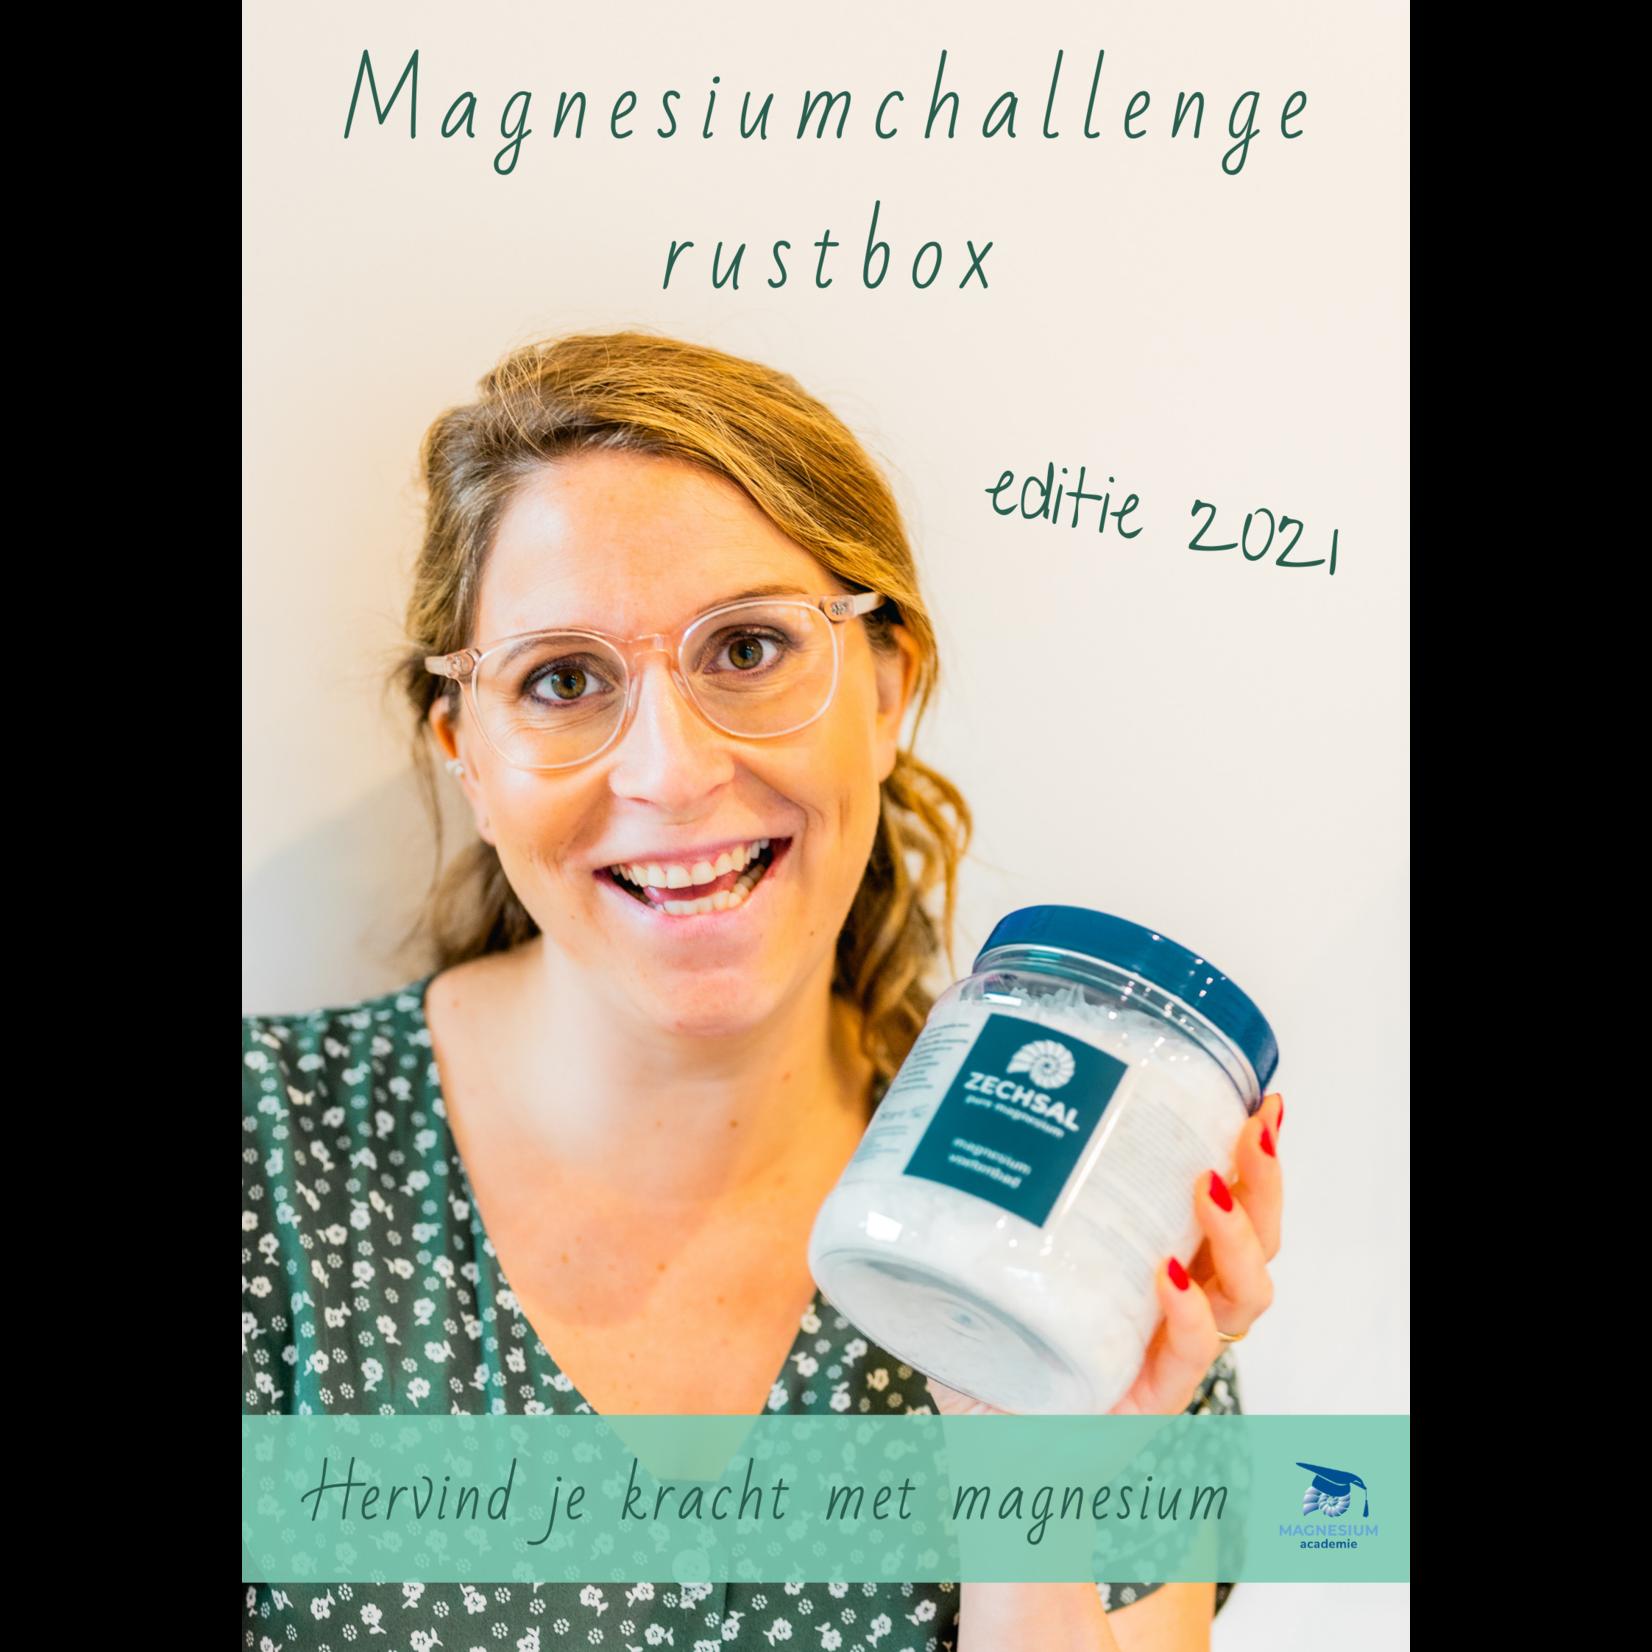 Magnesiumchallenge - RUST box